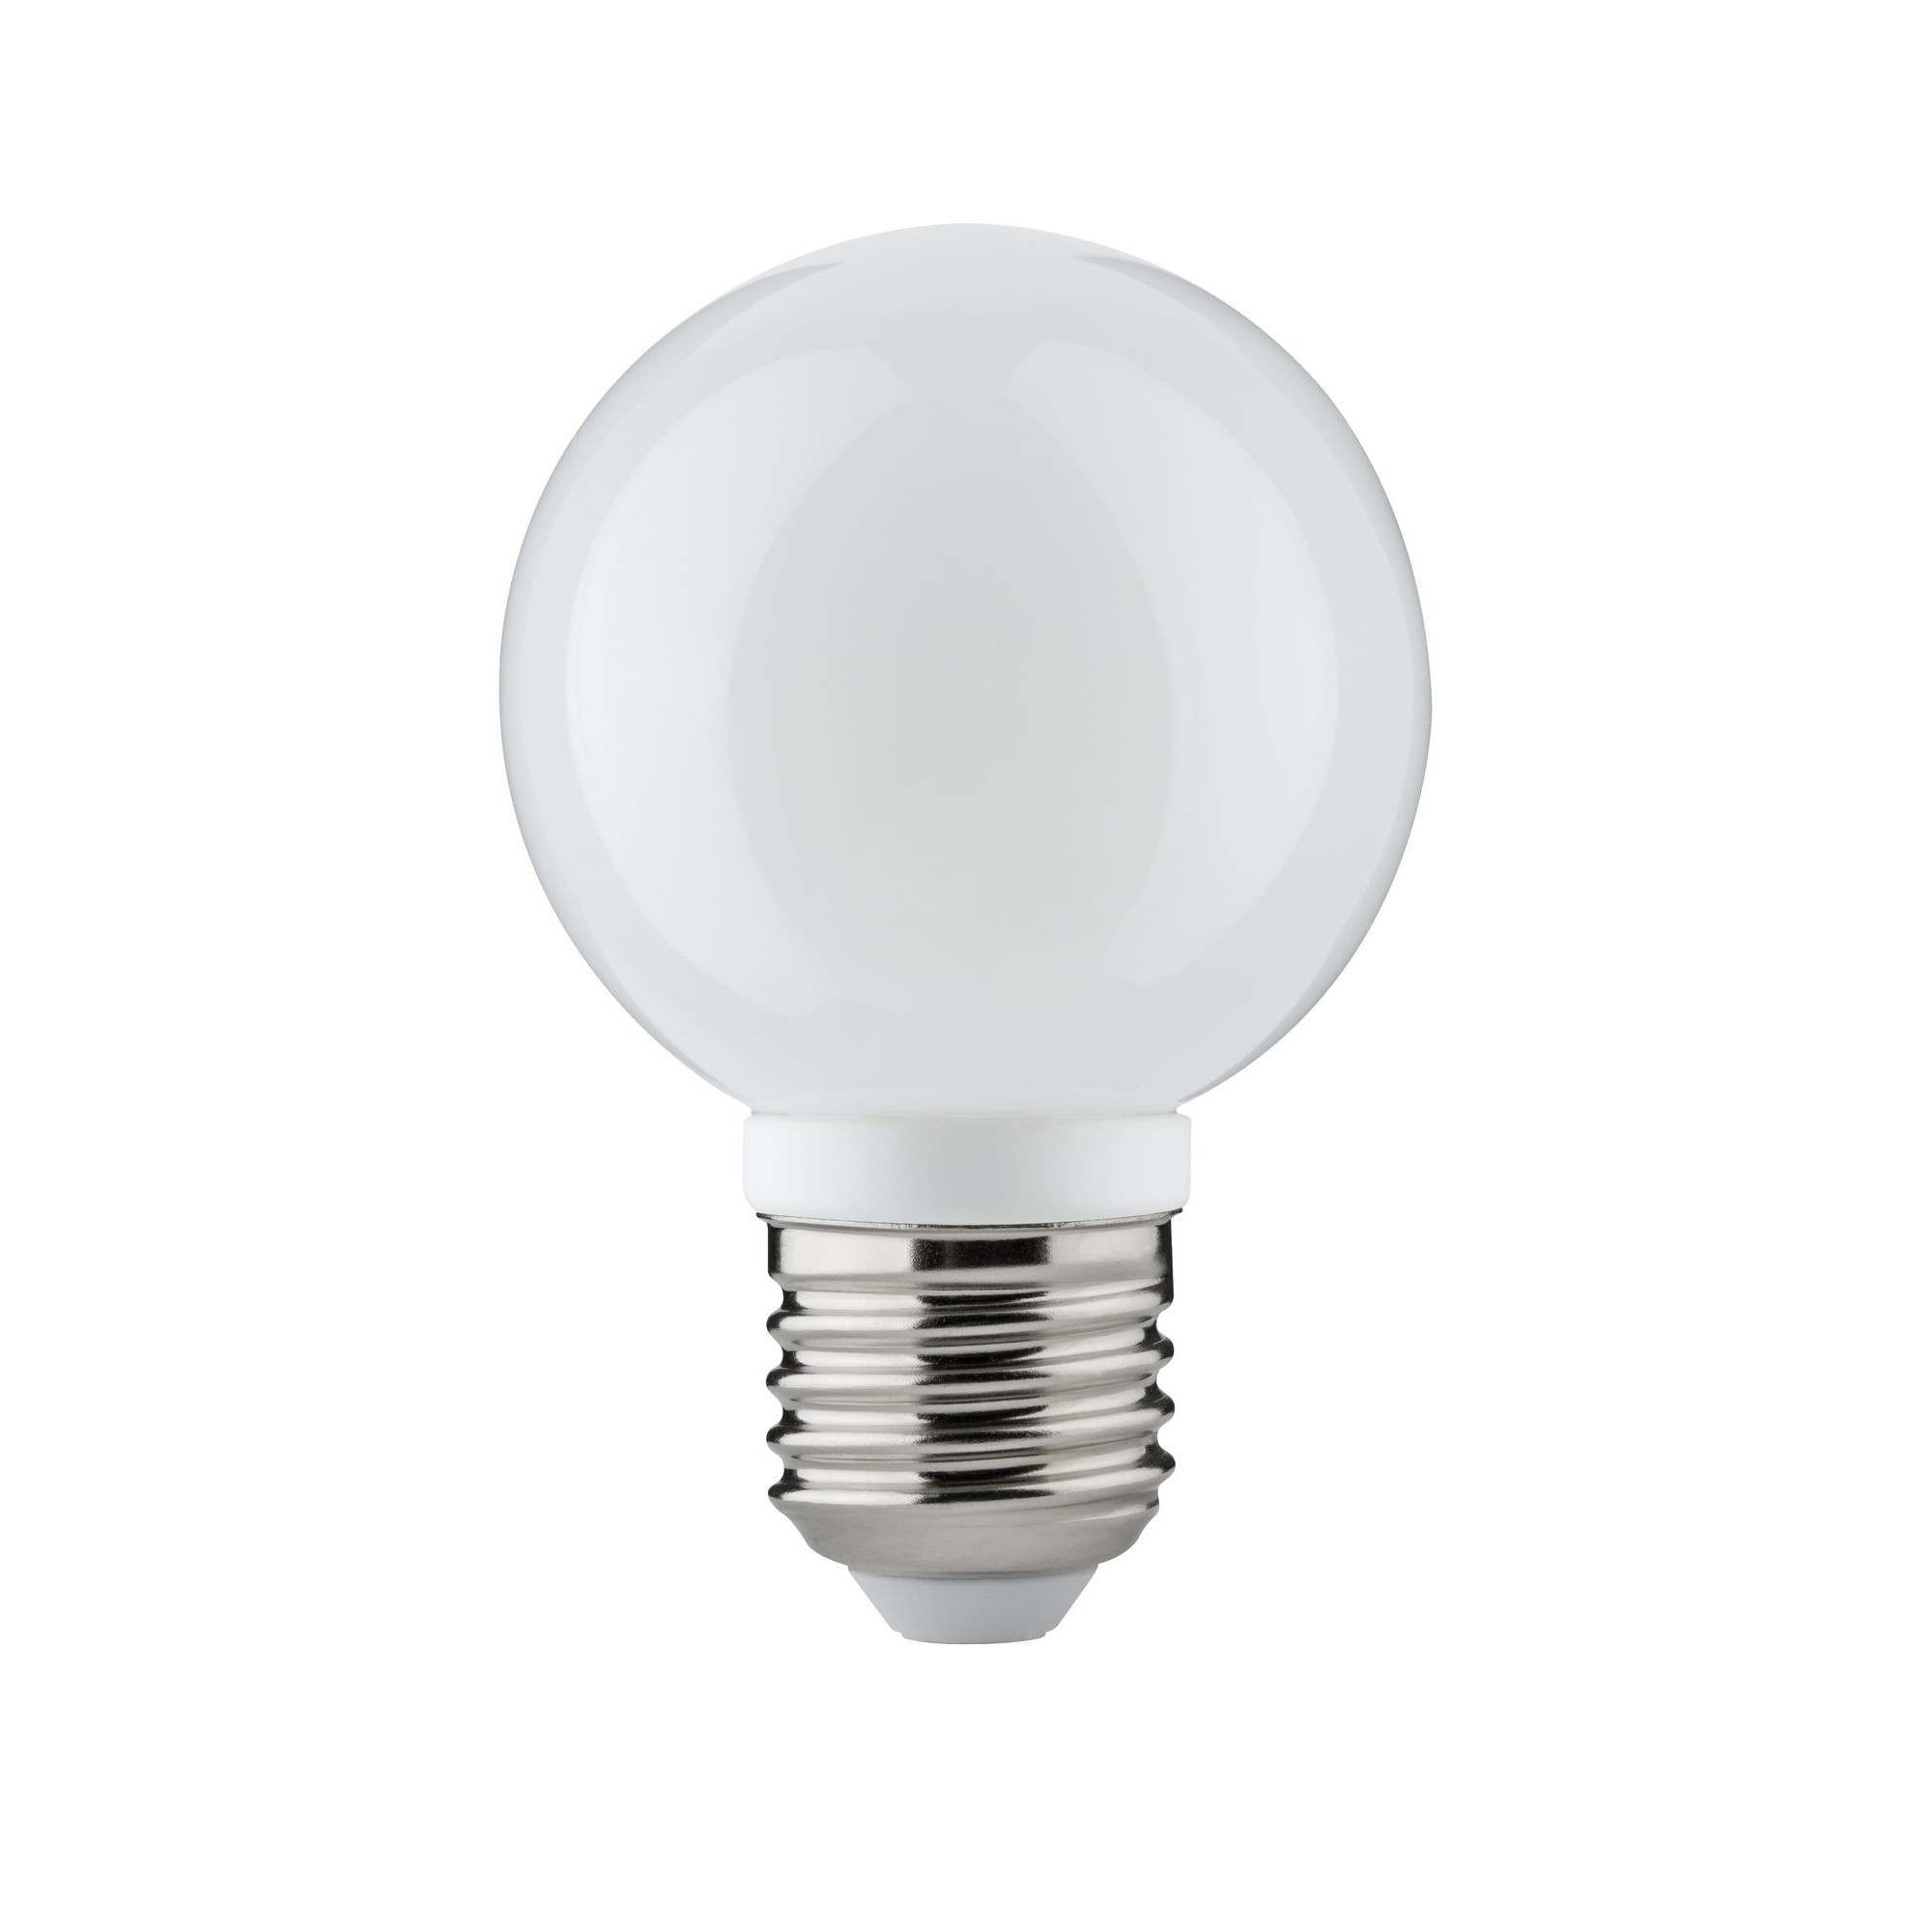 Лампа Paulmann 28313 E27 370 Лм теплый свет